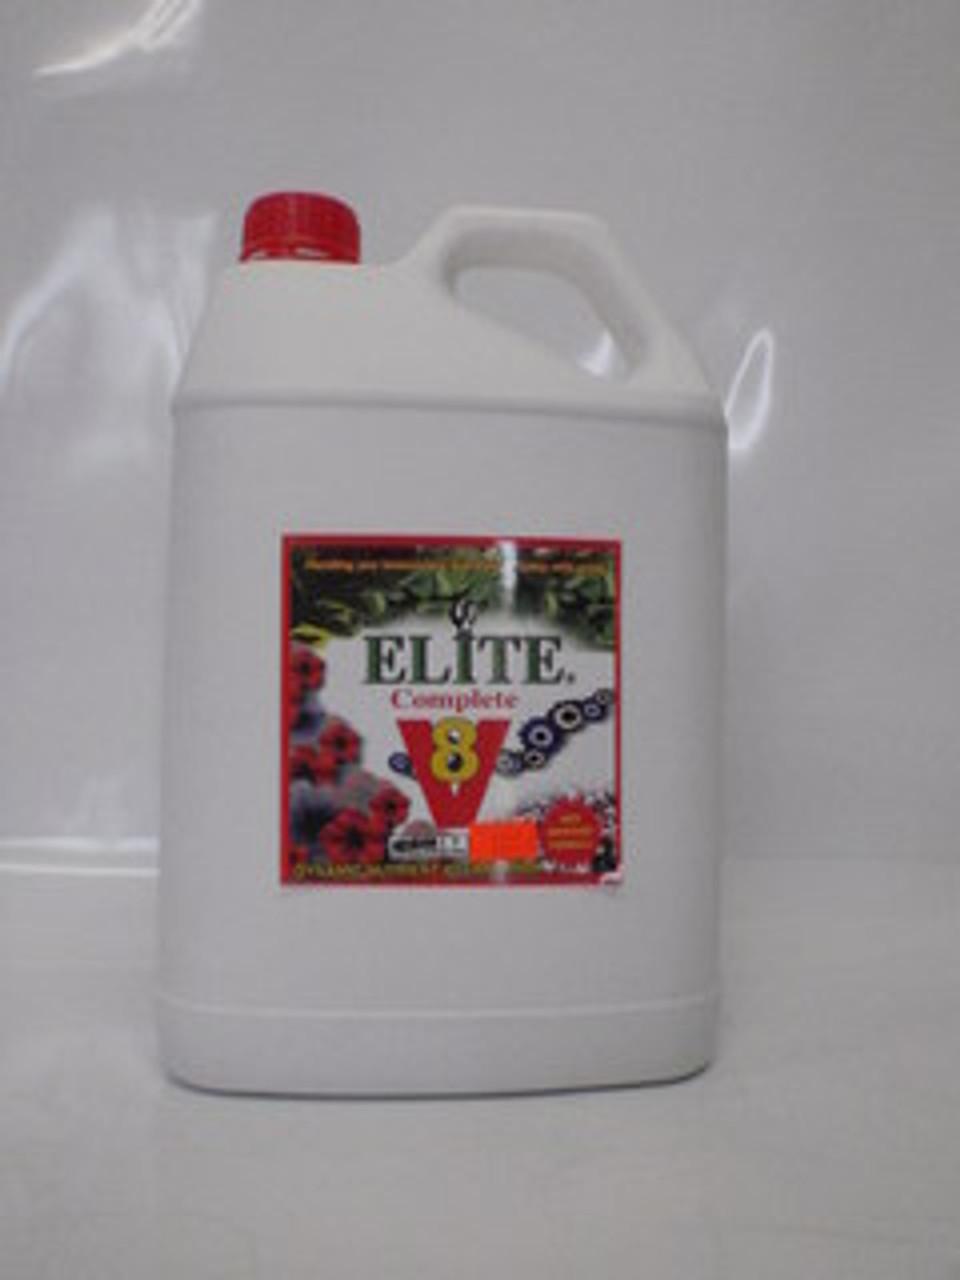 Elite V8 5L